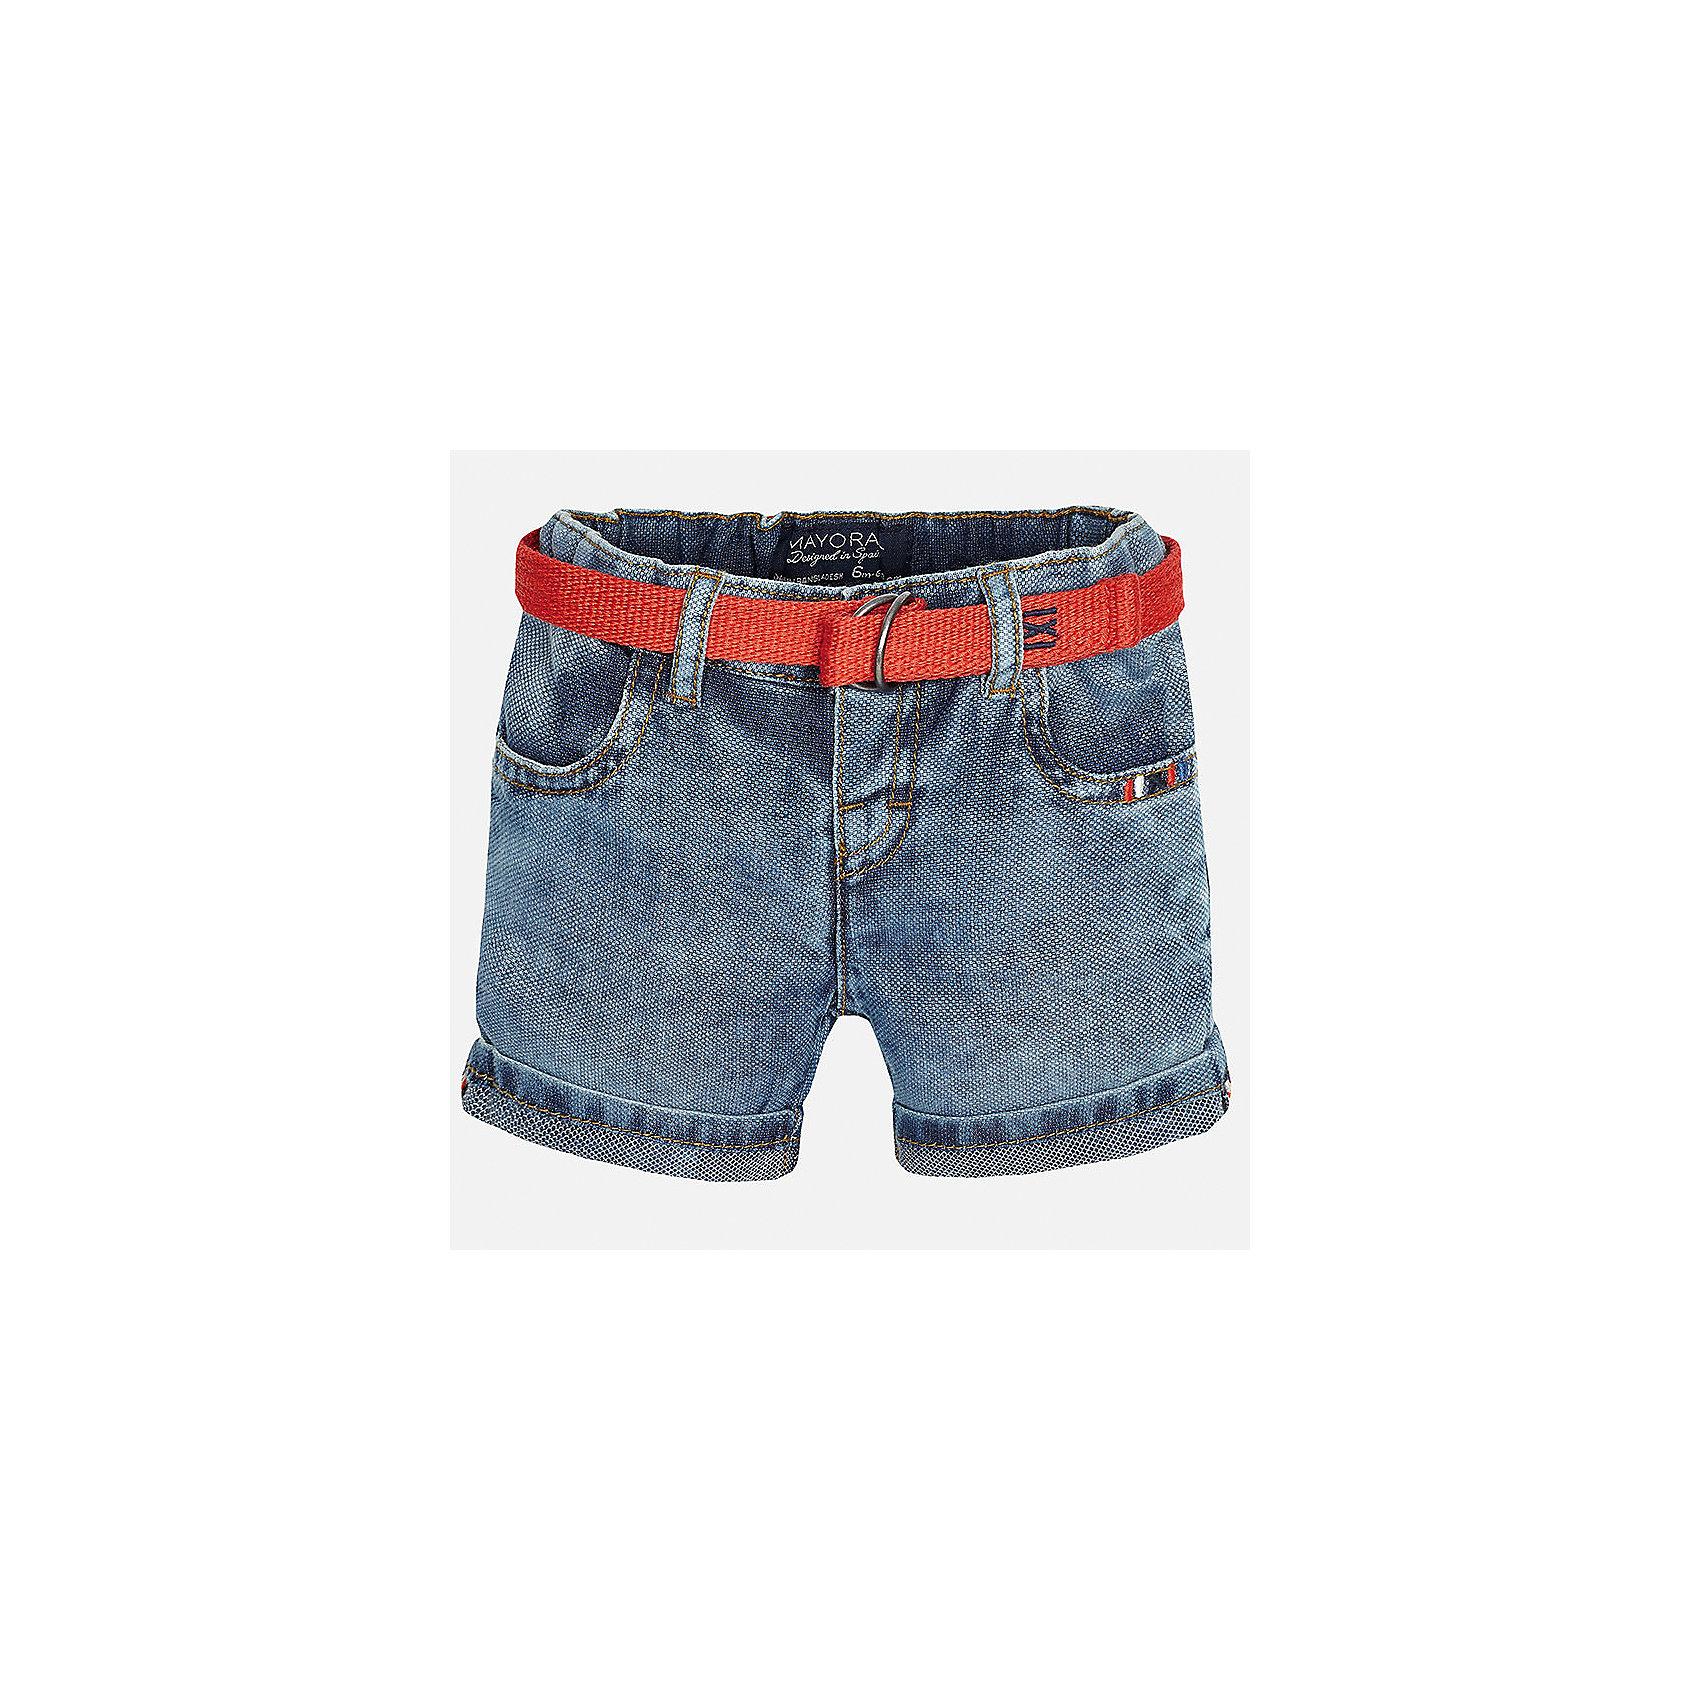 Бриджи джинсовые для мальчика MayoralШорты и бриджи<br>Характеристики товара:<br><br>• цвет: синий<br>• состав: 100% хлопок<br>• шлевки<br>• карманы<br>• пояс с регулировкой объема<br>• имитация потертостей<br>• страна бренда: Испания<br><br>Модные бриджи для мальчика смогут стать базовой вещью в гардеробе ребенка. Они отлично сочетаются с майками, футболками, рубашками и т.д. Универсальный крой и цвет позволяет подобрать к вещи верх разных расцветок. Практичное и стильное изделие! В составе материала - только натуральный хлопок, гипоаллергенный, приятный на ощупь, дышащий.<br><br>Одежда, обувь и аксессуары от испанского бренда Mayoral полюбились детям и взрослым по всему миру. Модели этой марки - стильные и удобные. Для их производства используются только безопасные, качественные материалы и фурнитура. Порадуйте ребенка модными и красивыми вещами от Mayoral! <br><br>Бриджи для мальчика от испанского бренда Mayoral (Майорал) можно купить в нашем интернет-магазине.<br><br>Ширина мм: 191<br>Глубина мм: 10<br>Высота мм: 175<br>Вес г: 273<br>Цвет: голубой<br>Возраст от месяцев: 12<br>Возраст до месяцев: 18<br>Пол: Мужской<br>Возраст: Детский<br>Размер: 86,92,80<br>SKU: 5279503